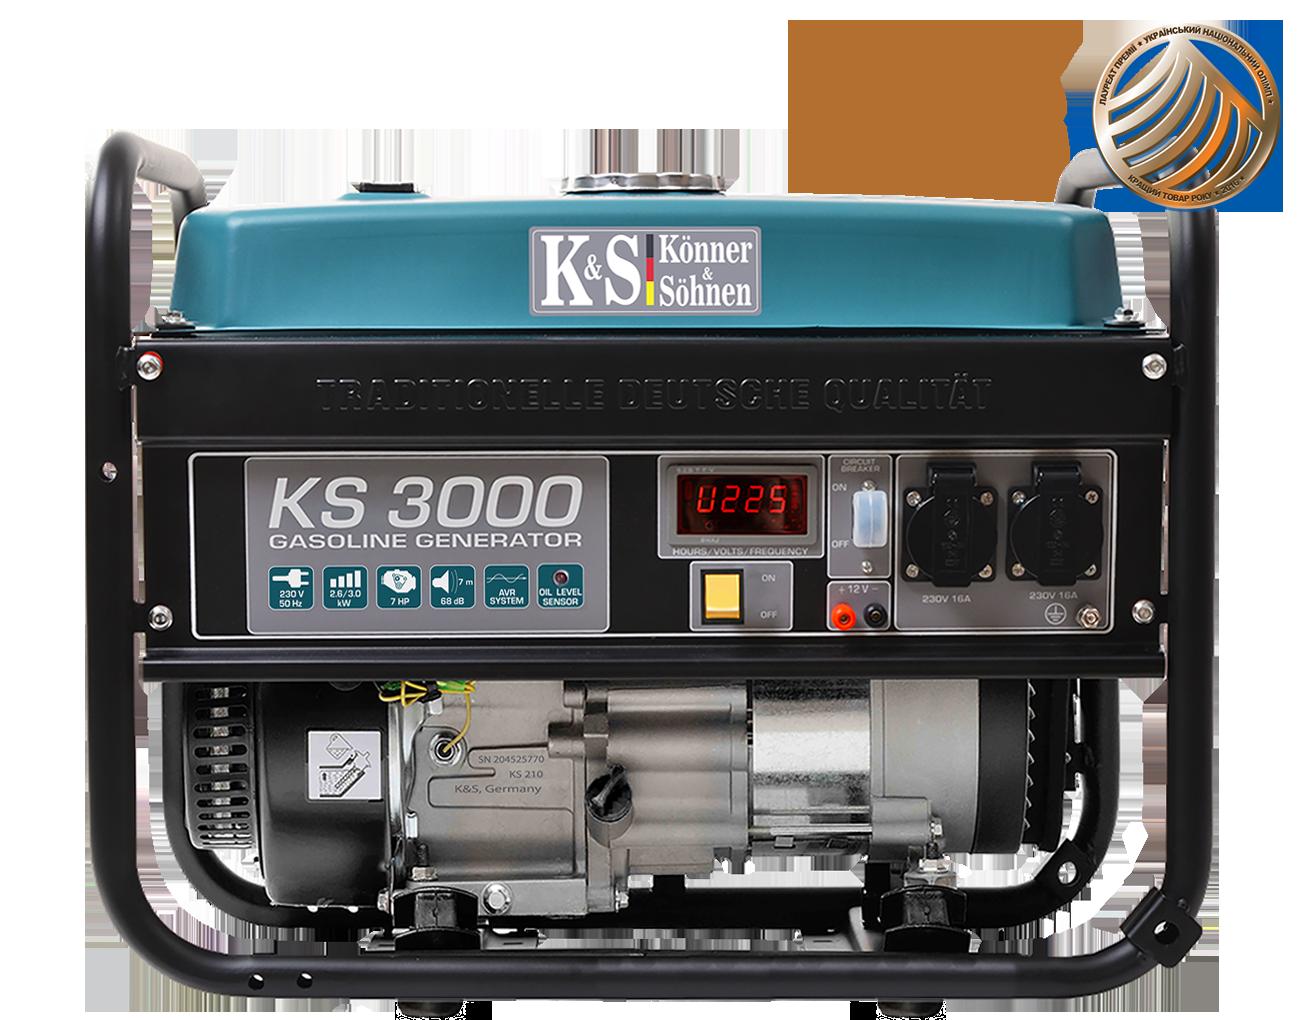 http://ks-power.com.ua/wp-content/uploads/2015/02/KS-3000-121.png